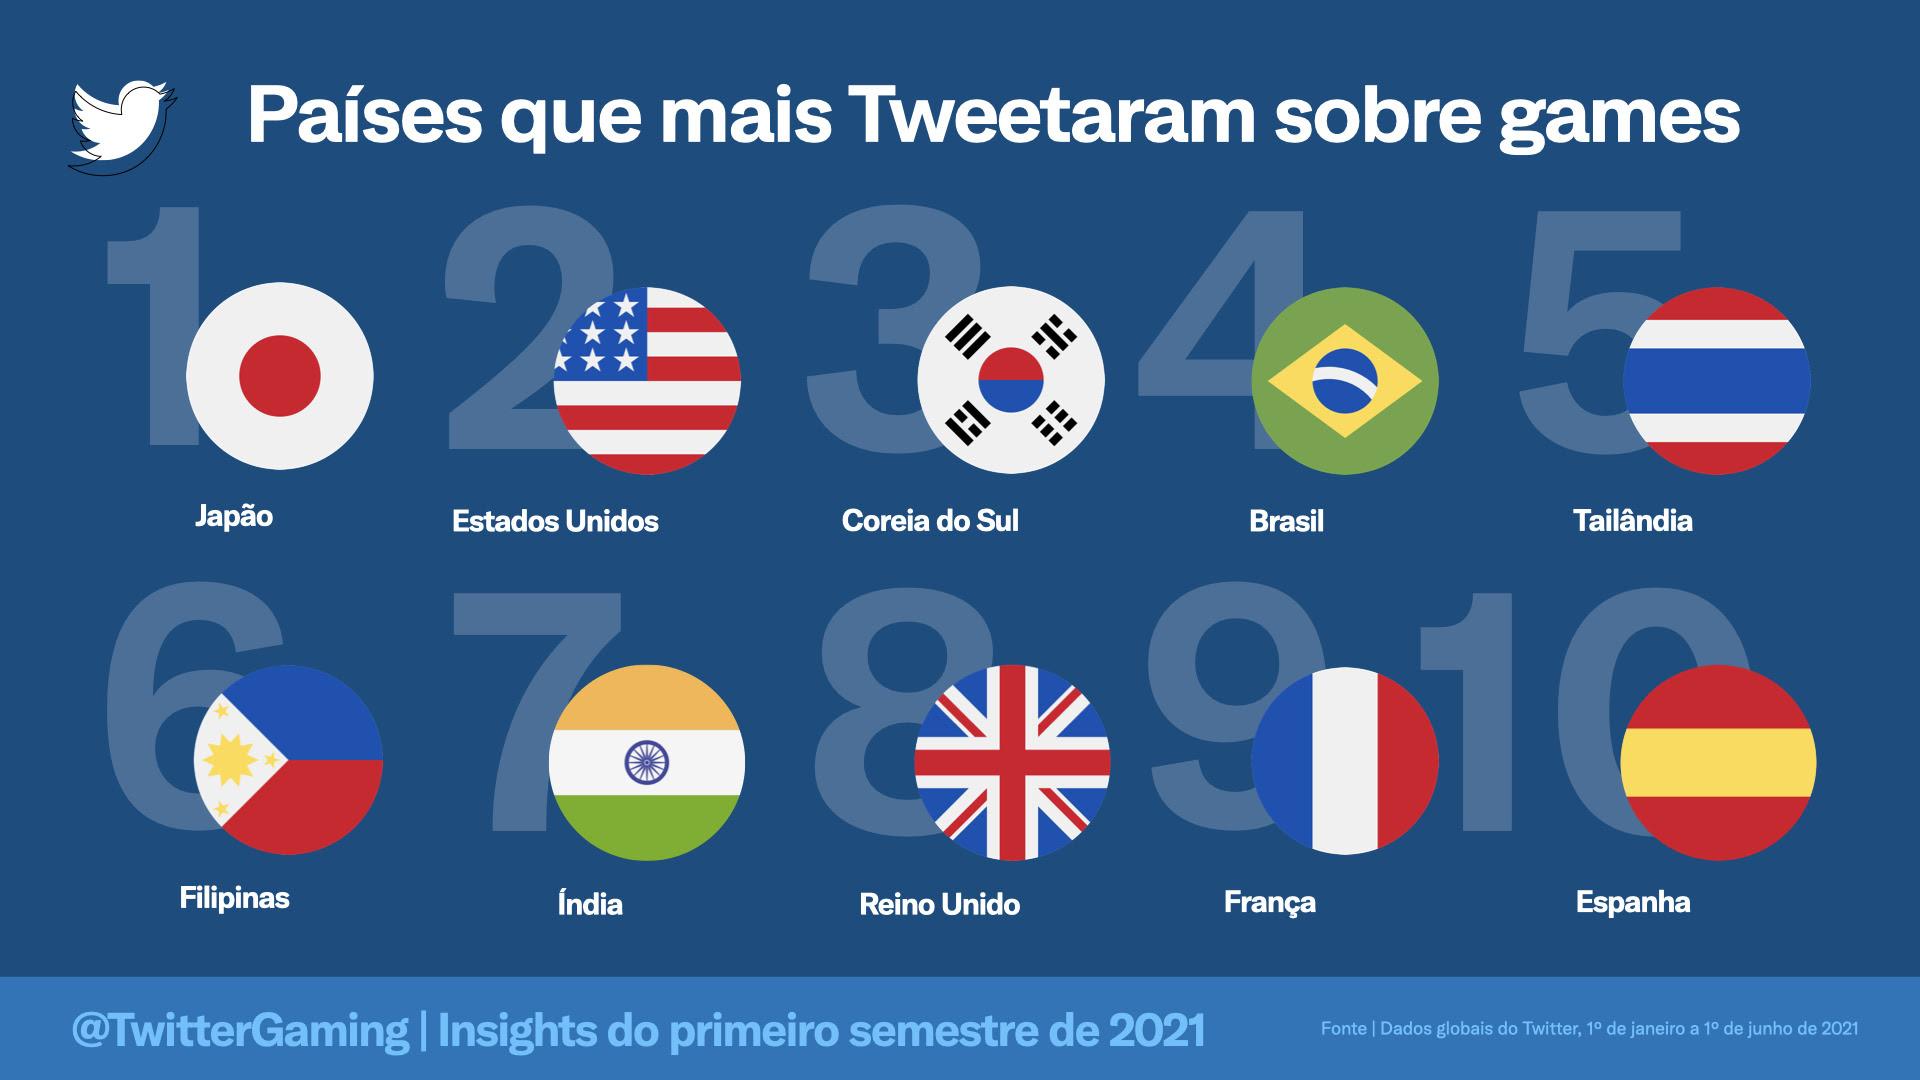 Esports | conversas no Twitter crescem e times brasileiros são destaque na plataforma 1